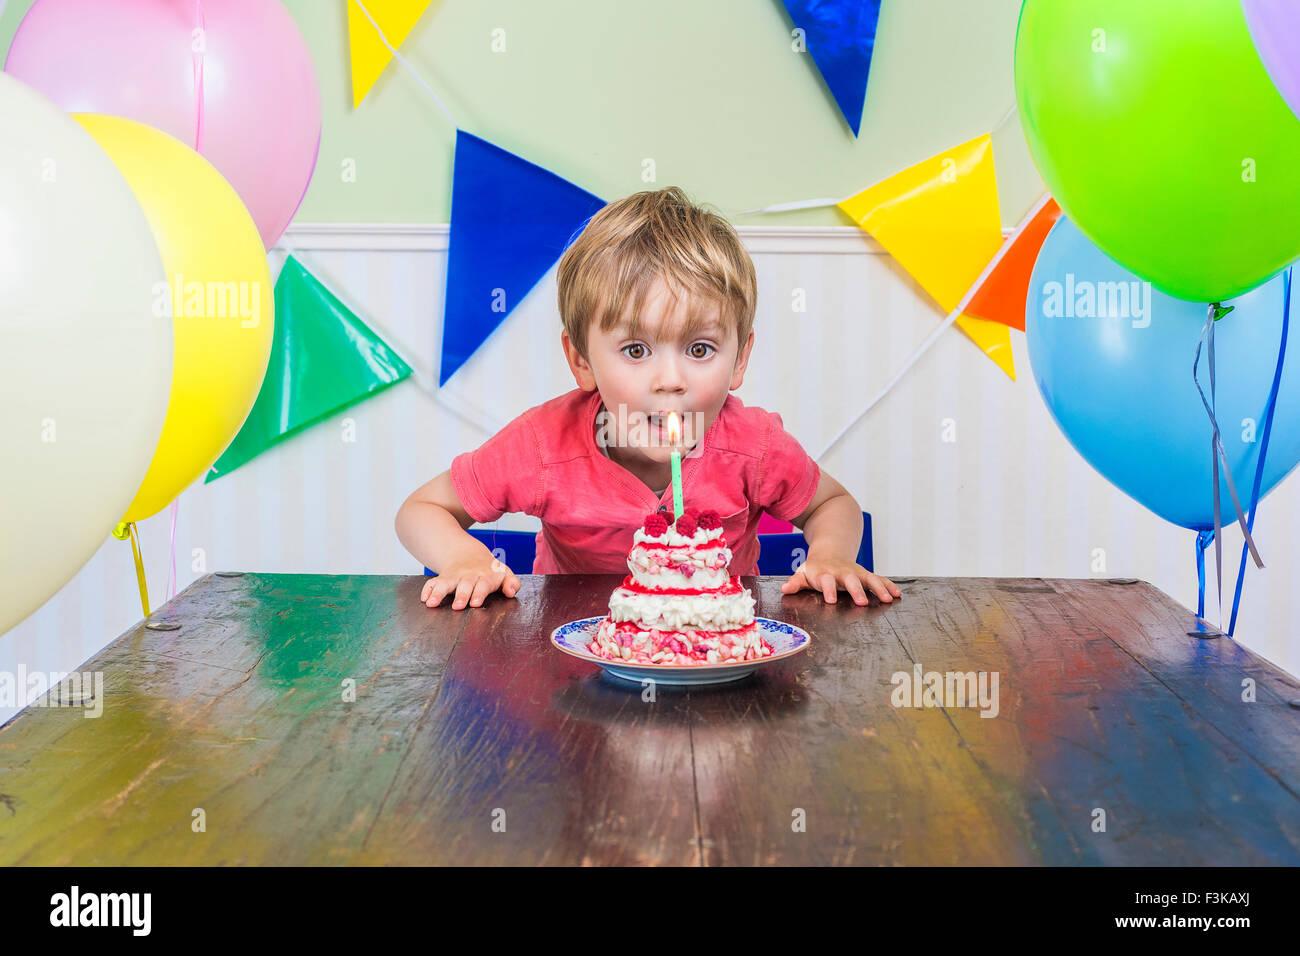 Adorable enfant soufflant la bougie sur son gâteau d'anniversaire Photo Stock